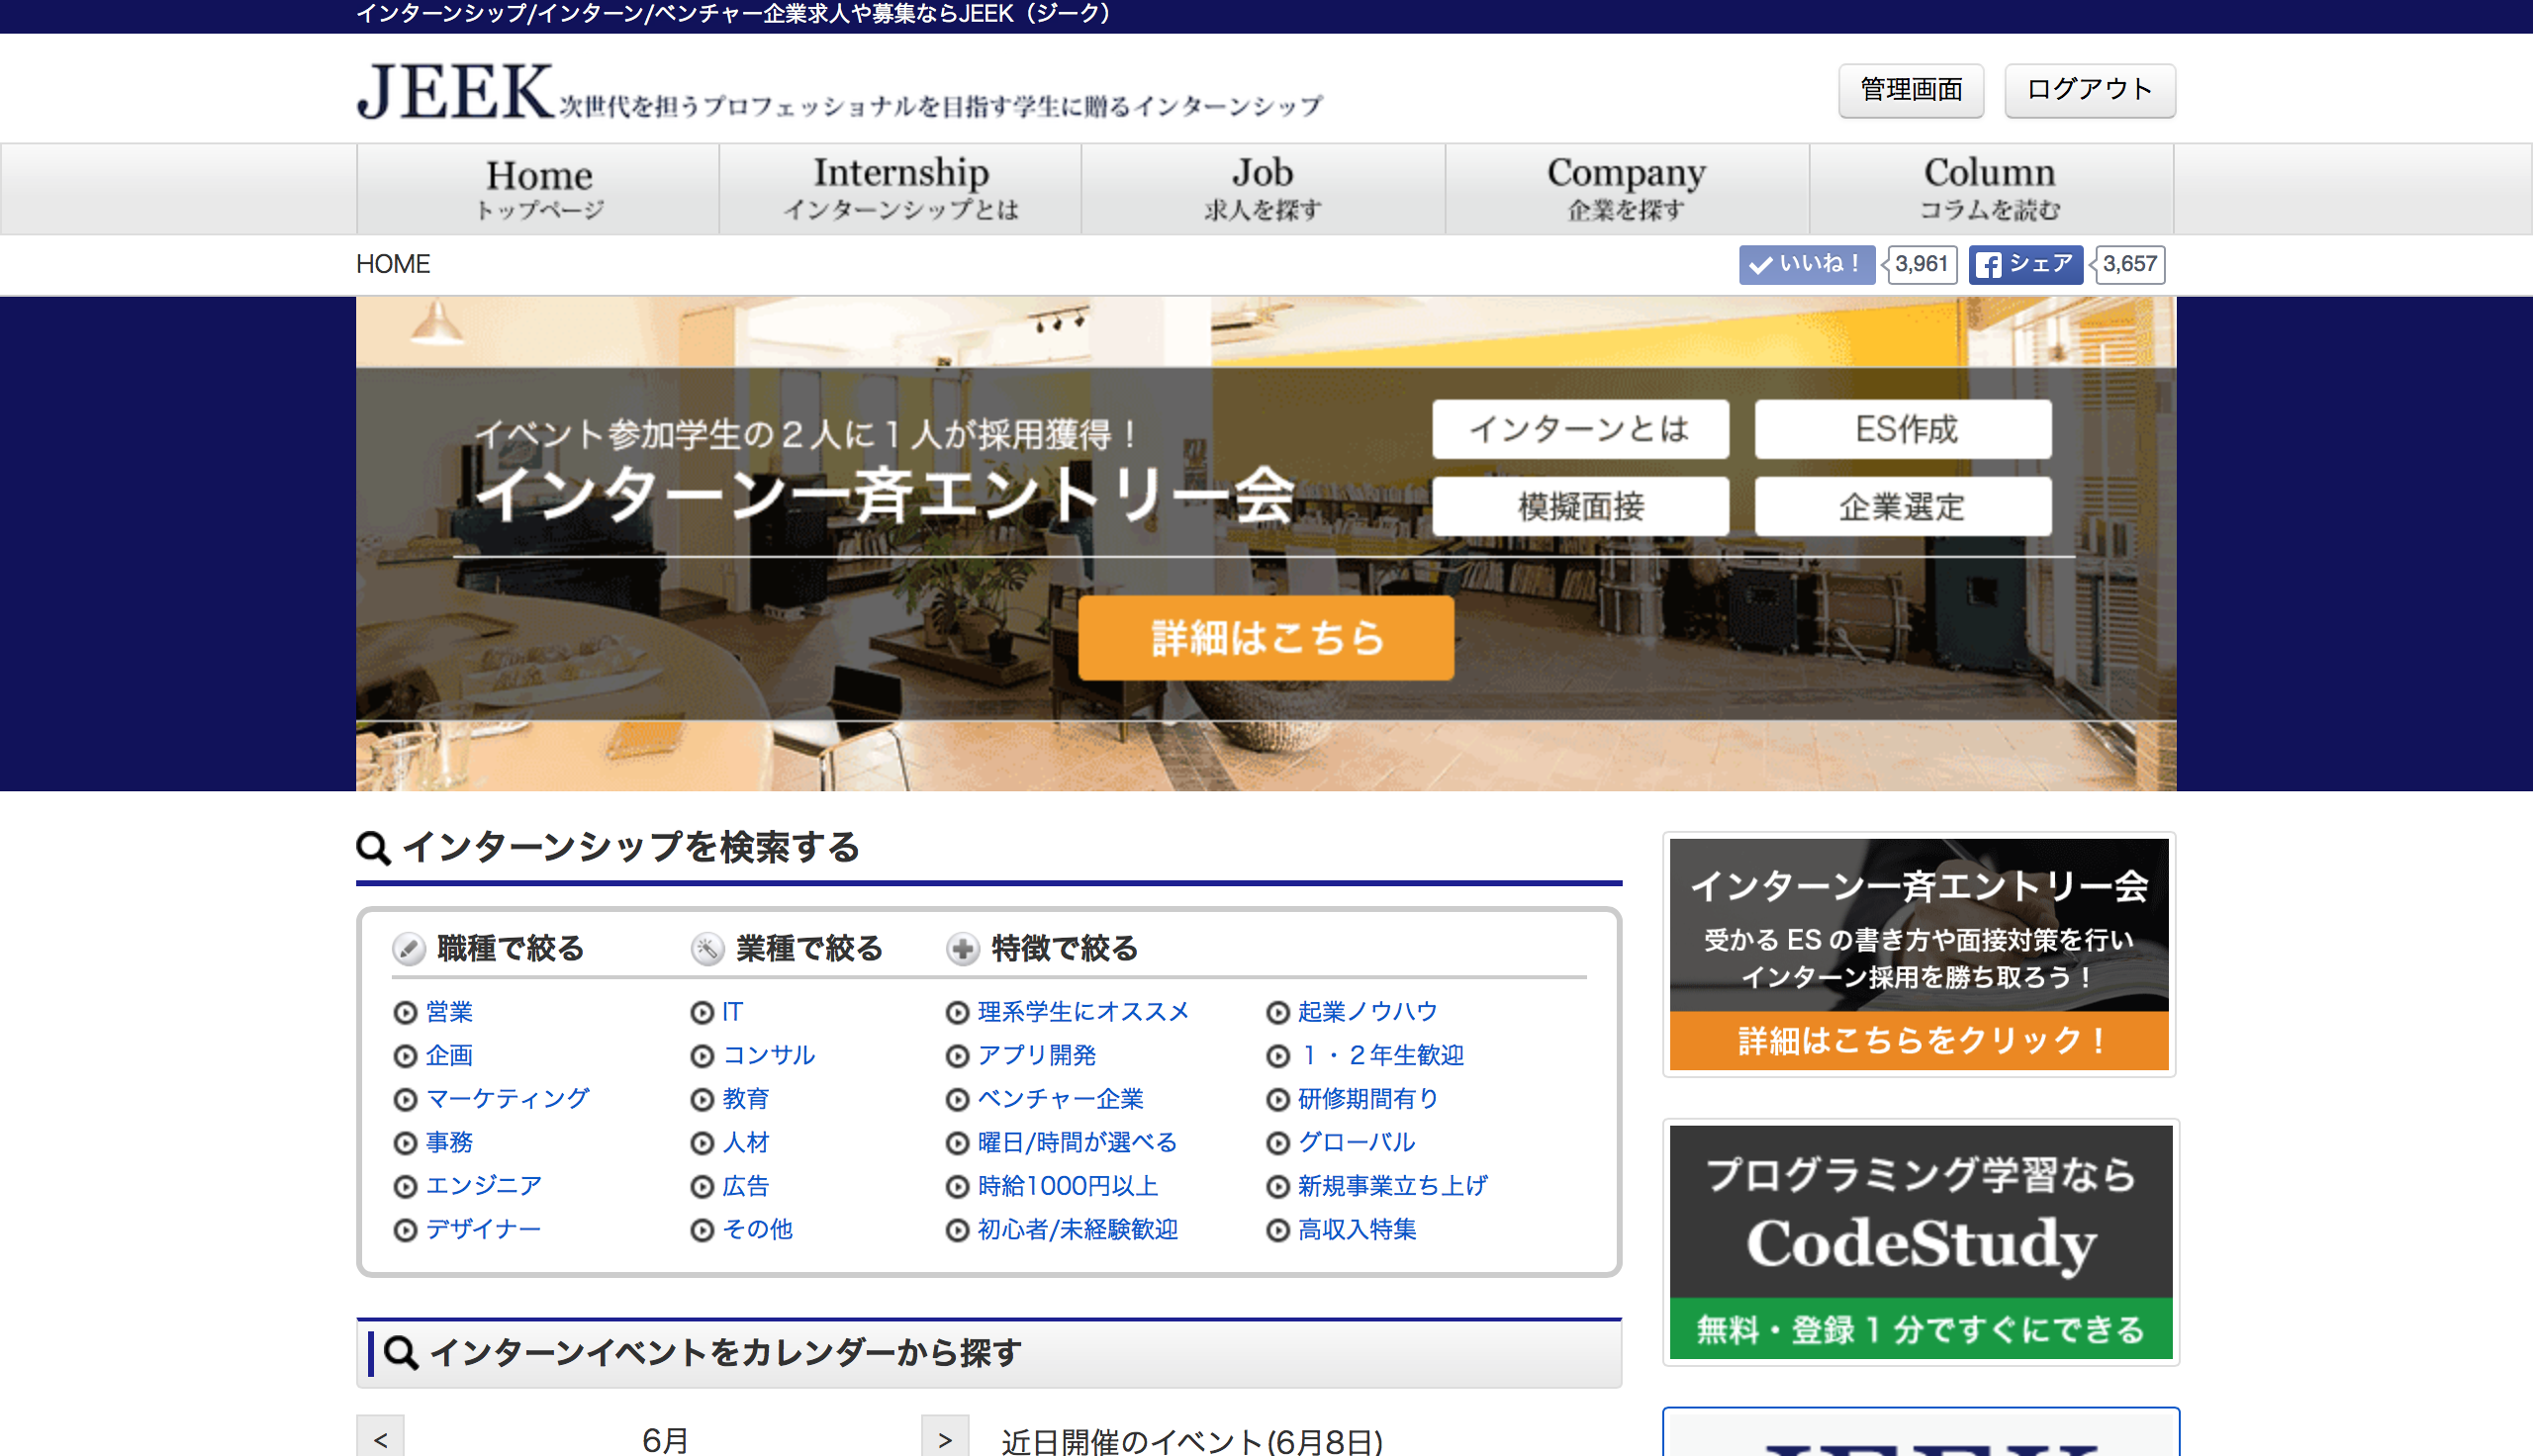 設立わずか3年目にして日本No.1インターン求人サイトを立ち上げたITベンチャー!